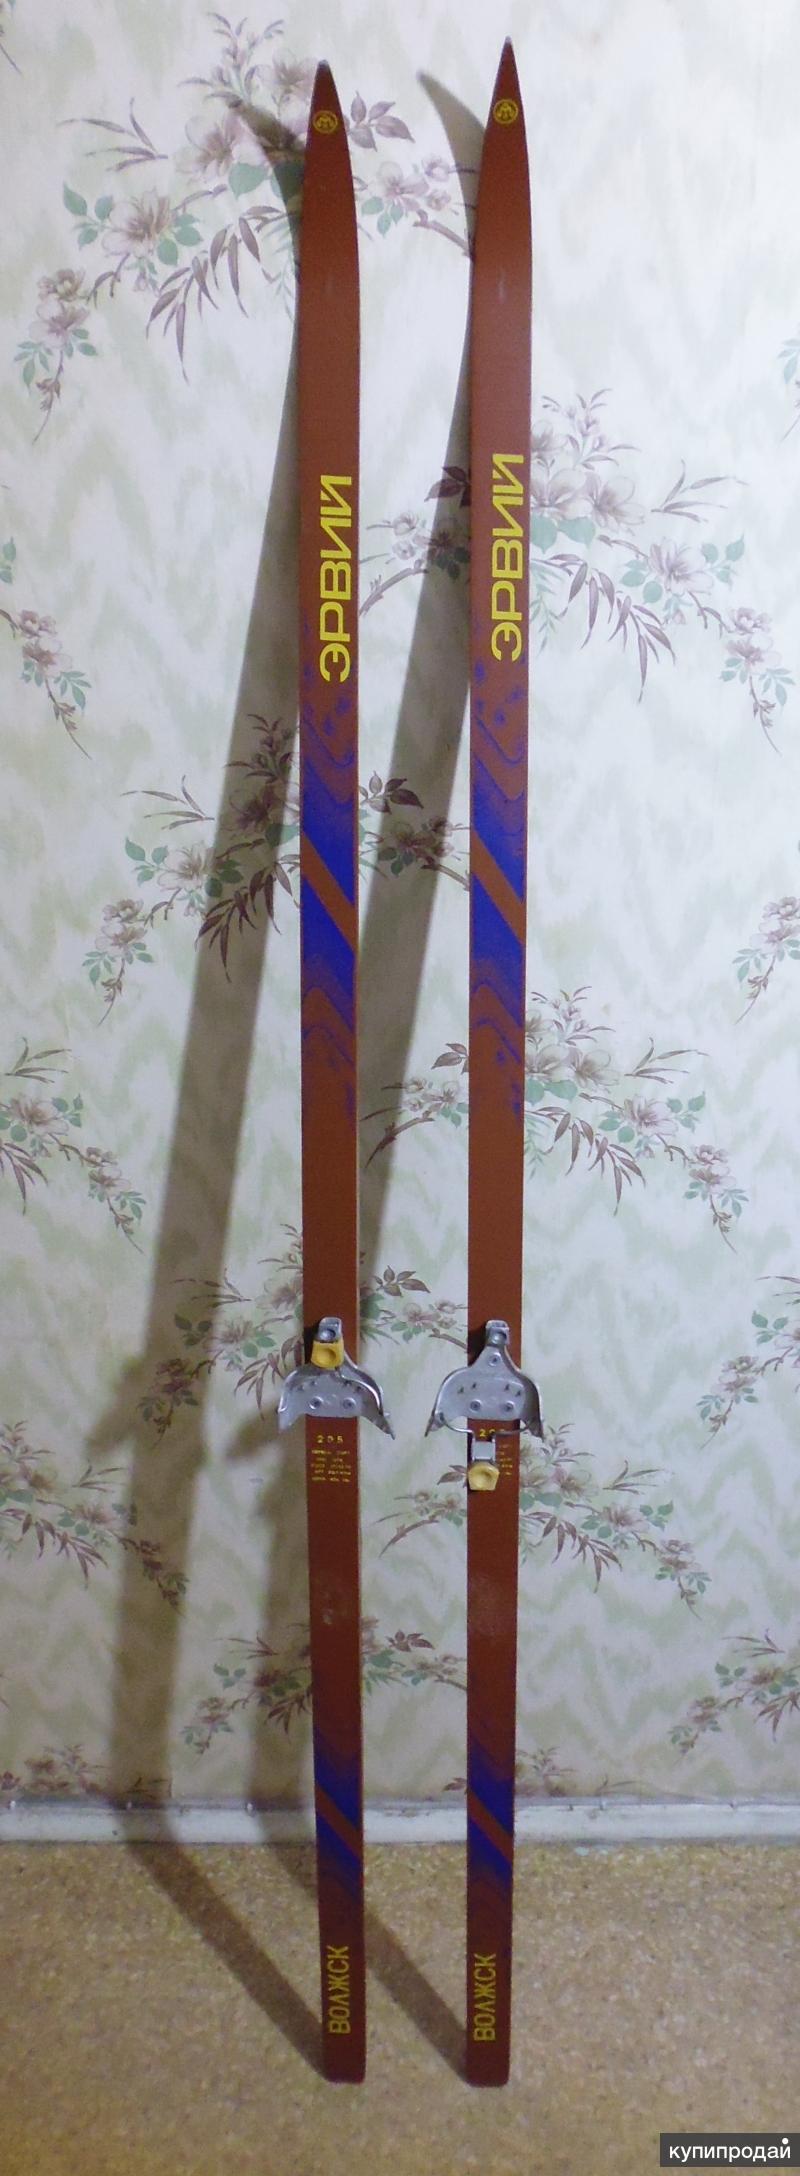 Продам беговые подростковые лыжи эрвий